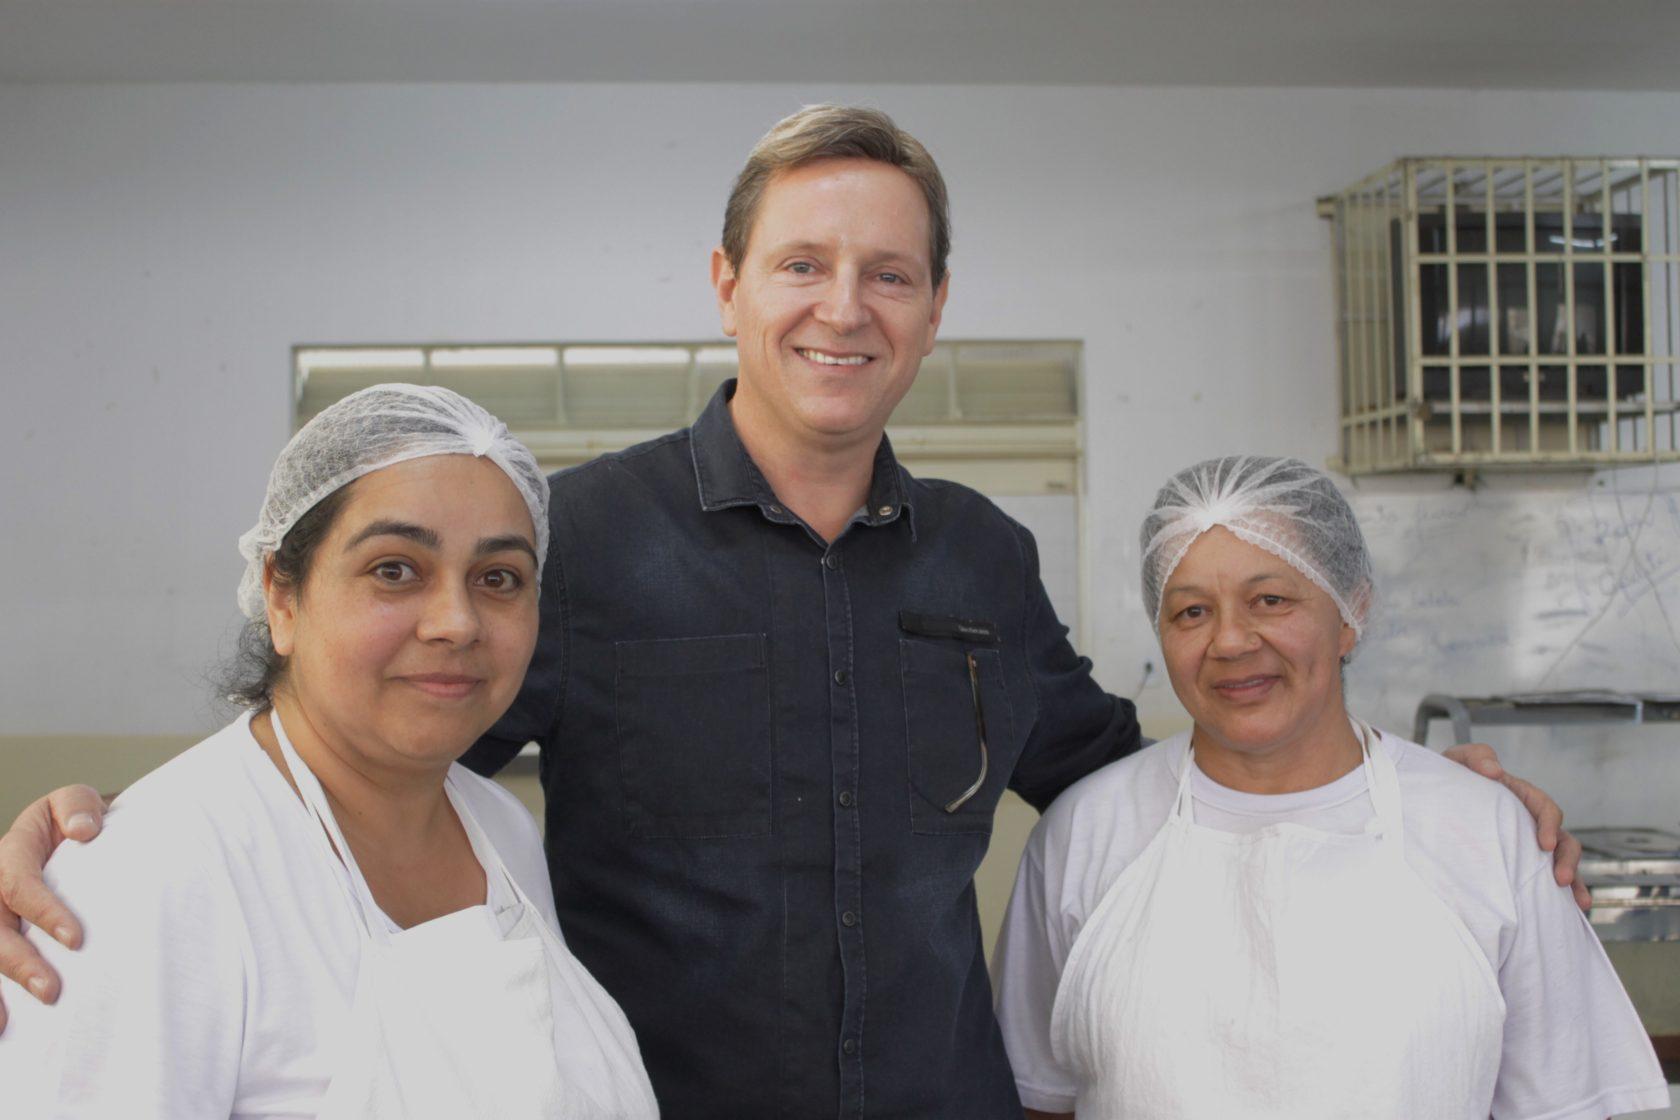 Em comemoração ao 'Dia da Cozinheira', Heliton do Valle participa de almoço com profissionais da área e fiscaliza merenda em Itararé (SP)